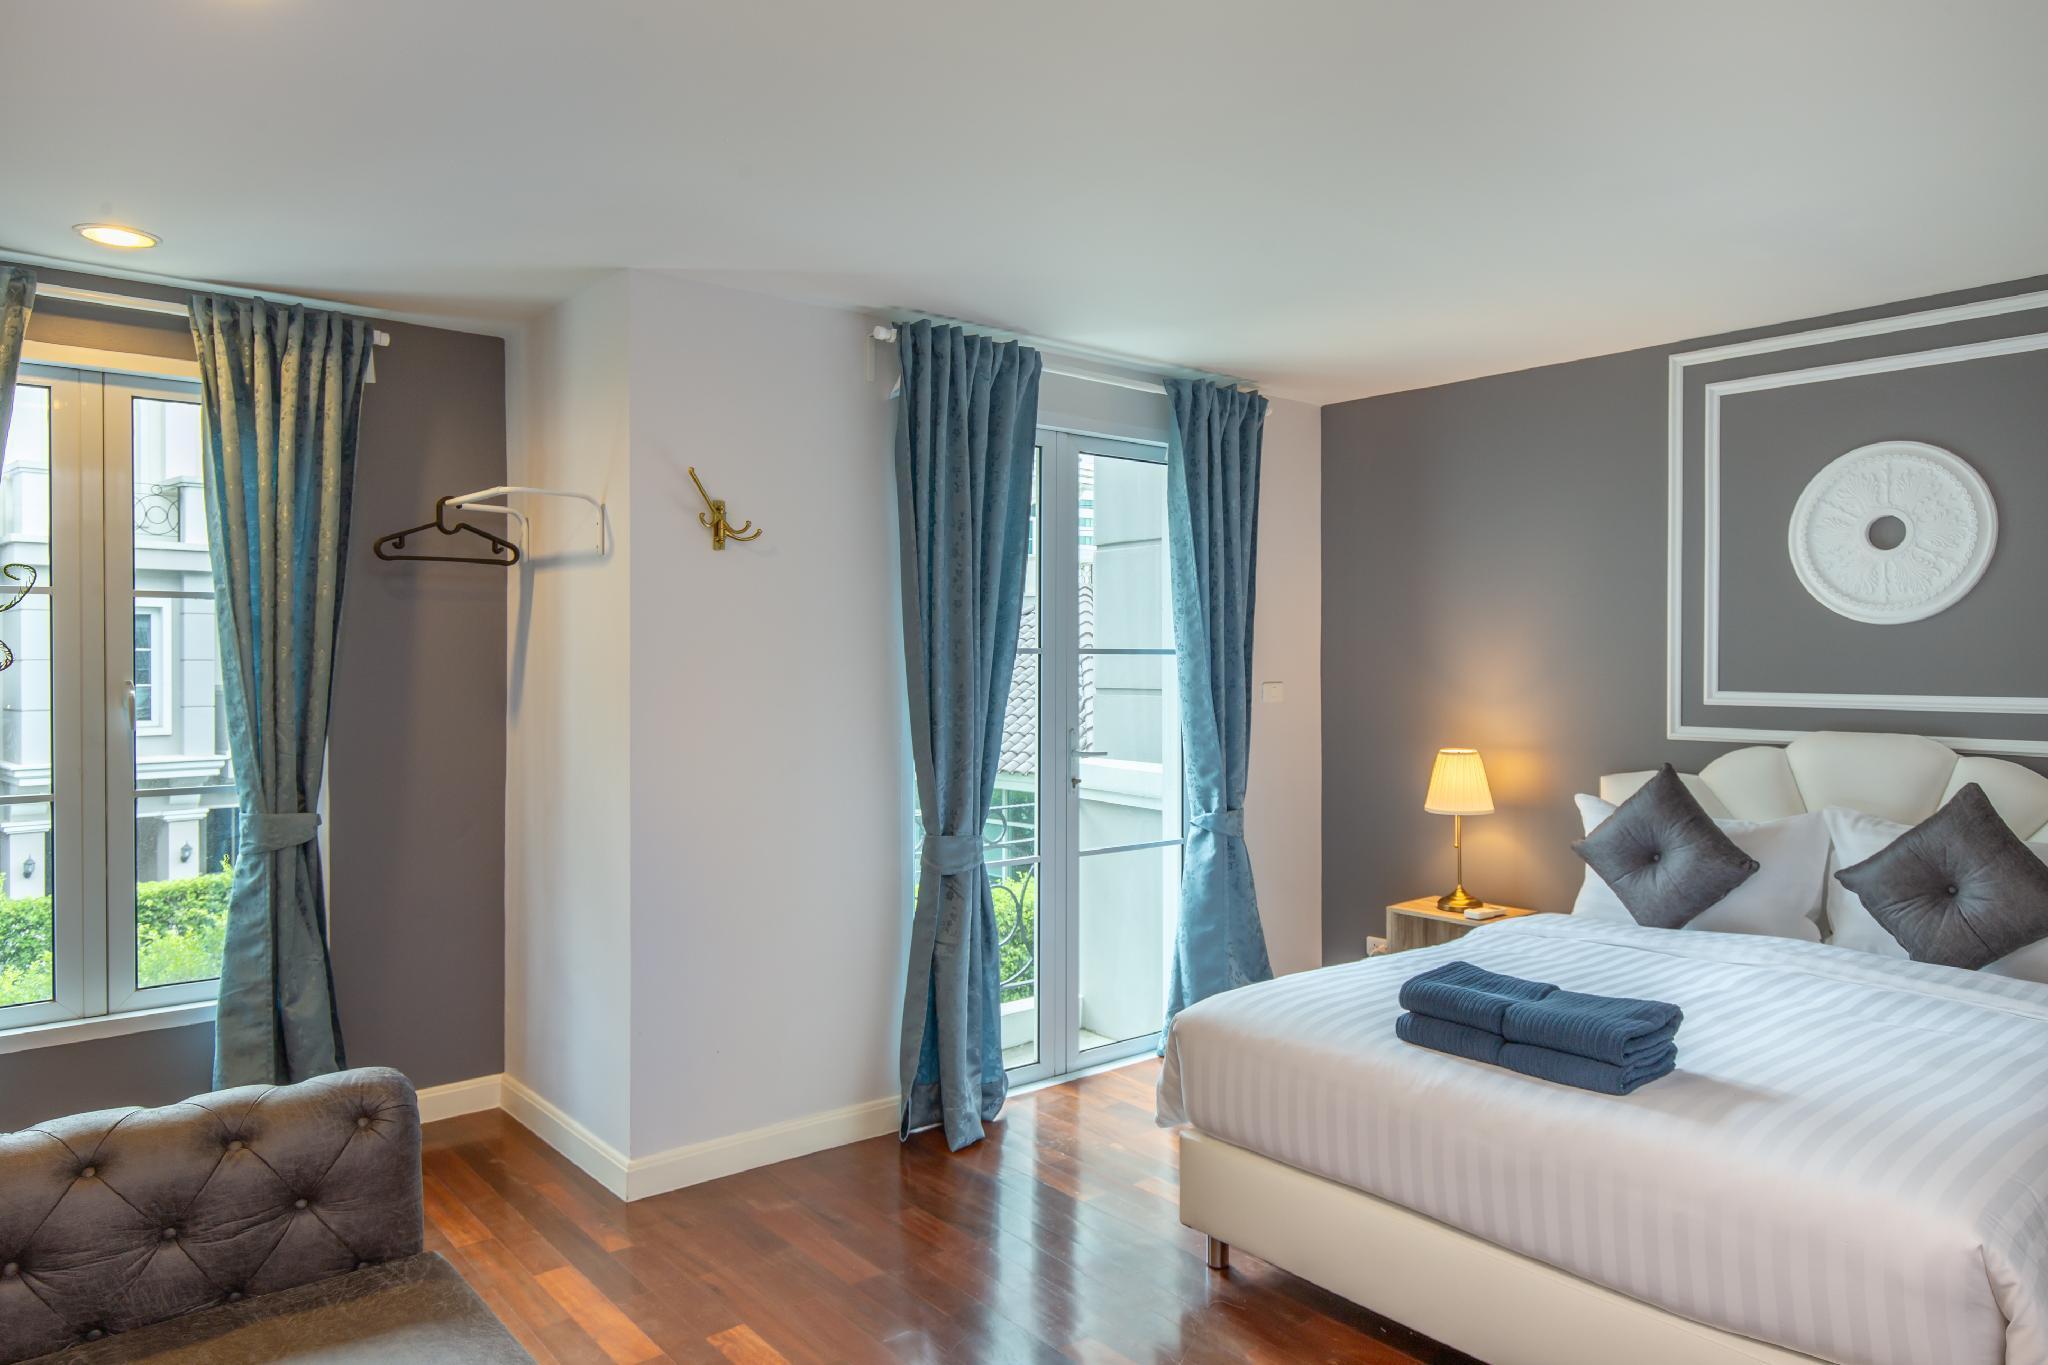 Breezy Haus By Max In CBD (Pool walk to BTS/MRT) บ้านเดี่ยว 3 ห้องนอน 3 ห้องน้ำส่วนตัว ขนาด 220 ตร.ม. – สุขุมวิท